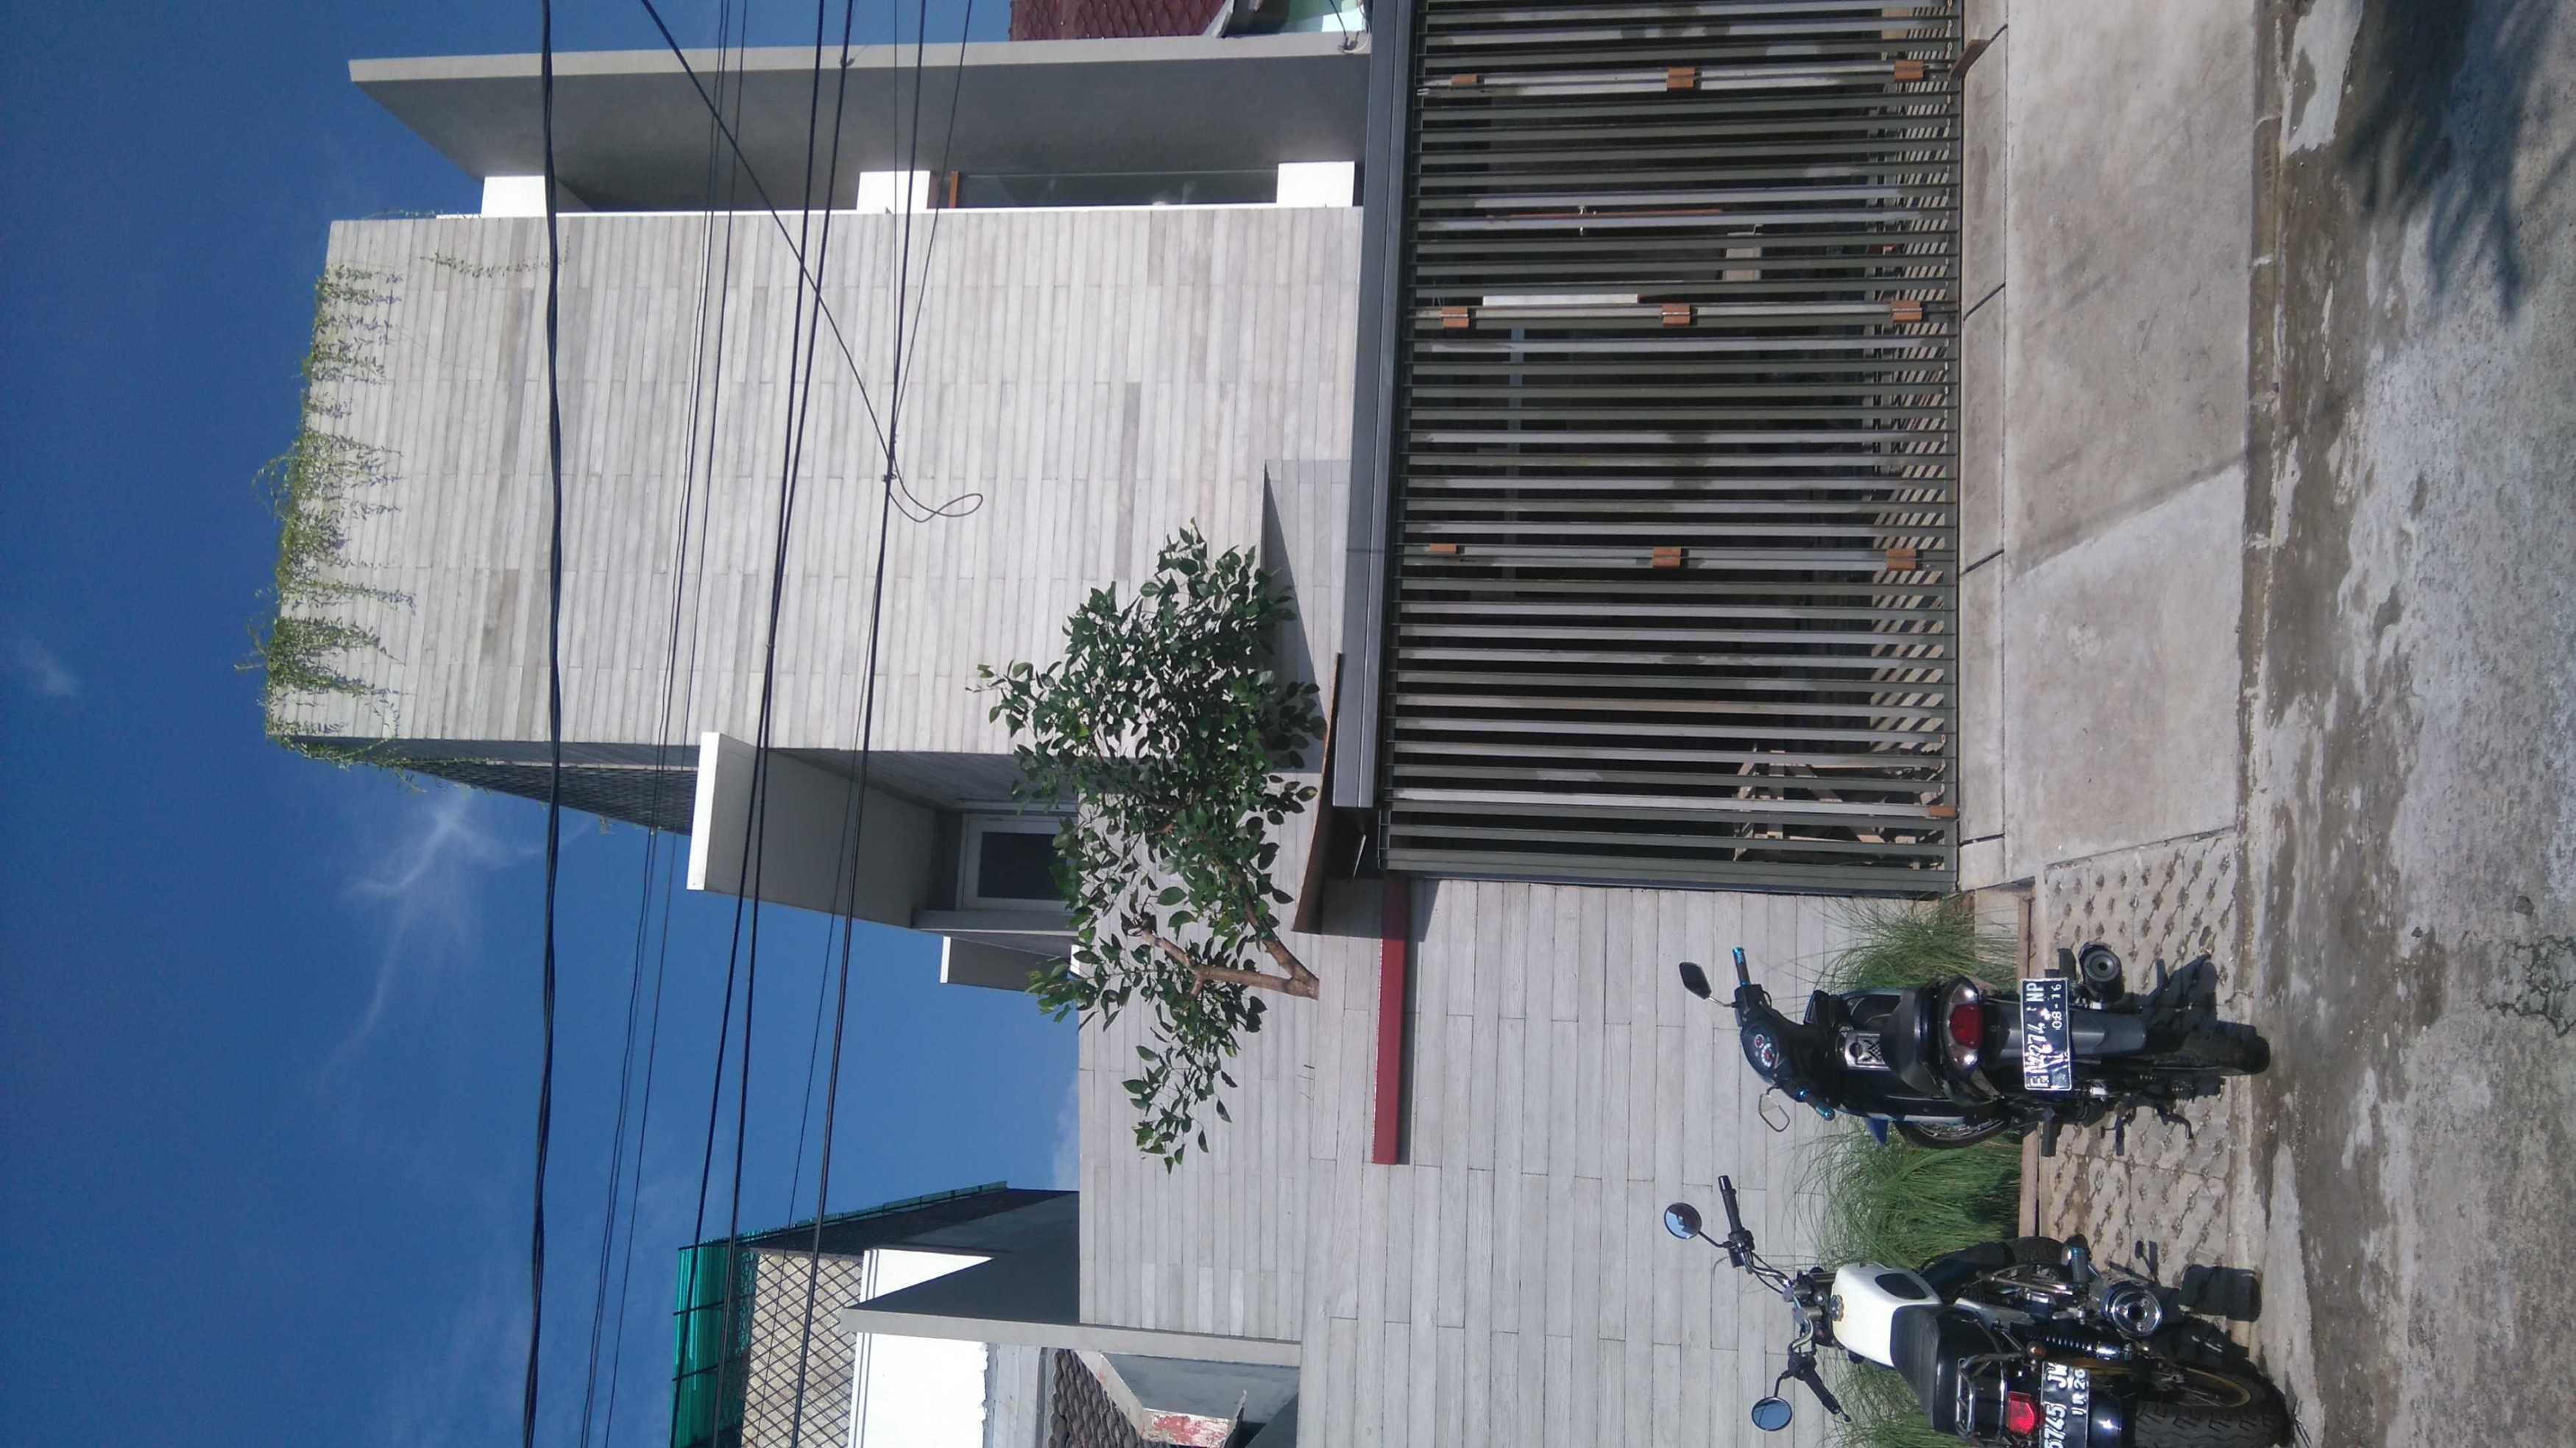 Slamet Kontraktor Rumah Tinggal Jakarta Selatan, Kota Jakarta Selatan, Daerah Khusus Ibukota Jakarta, Indonesia Jakarta Selatan, Kota Jakarta Selatan, Daerah Khusus Ibukota Jakarta, Indonesia Slamet-Kontraktor-Rumah-Tinggal   128783